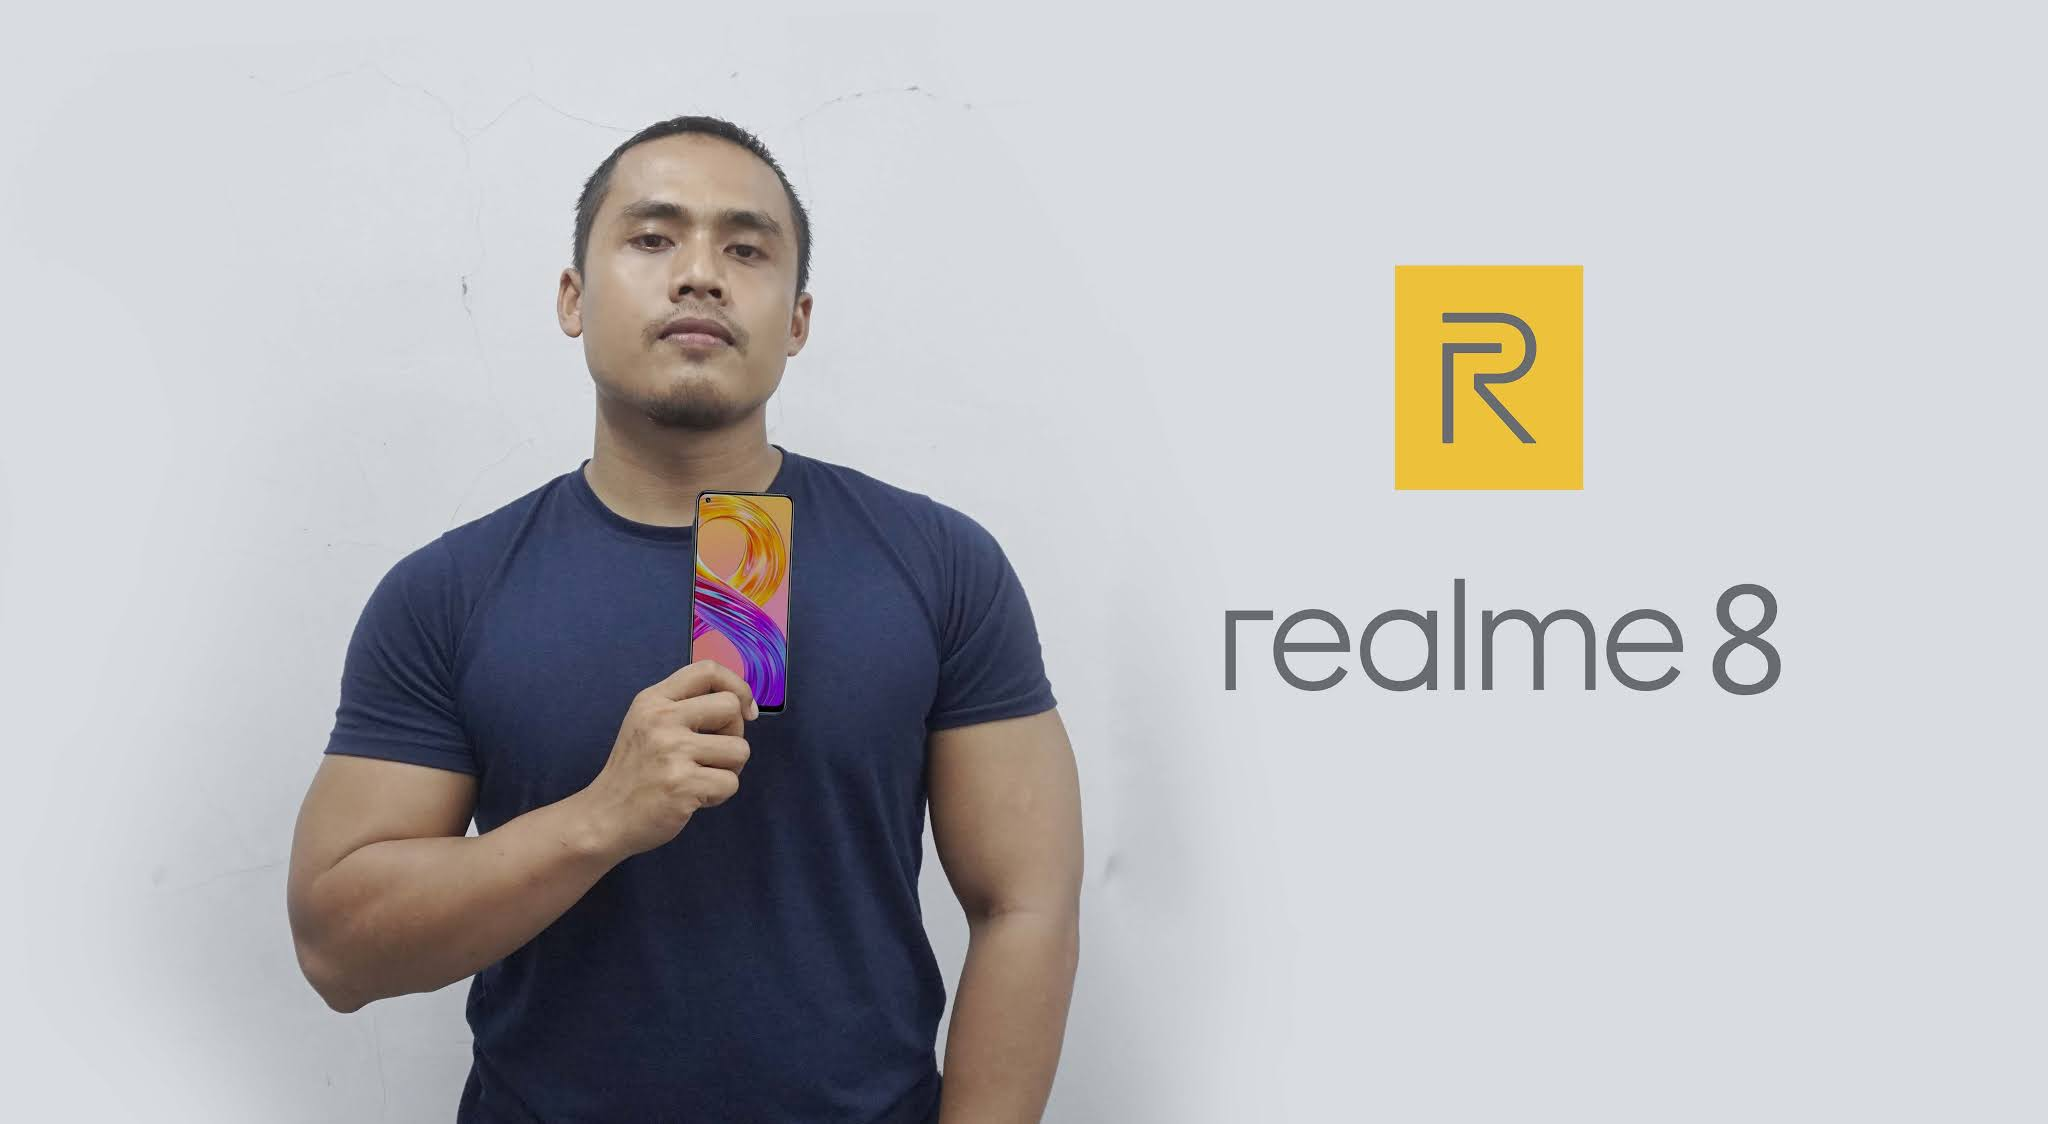 Spesifikasi dan Harga Smartphone Realme 8 dan Realme 8 Pro